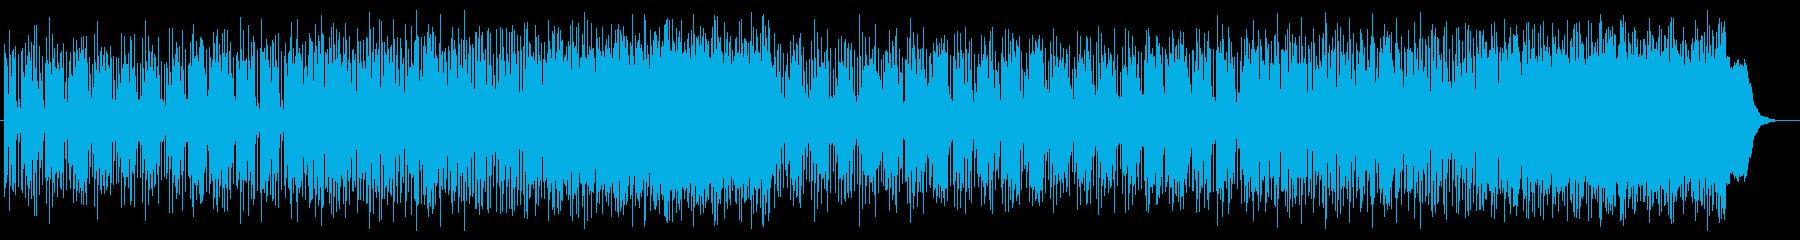 爽かなミディアムテンポのテクノポップの再生済みの波形